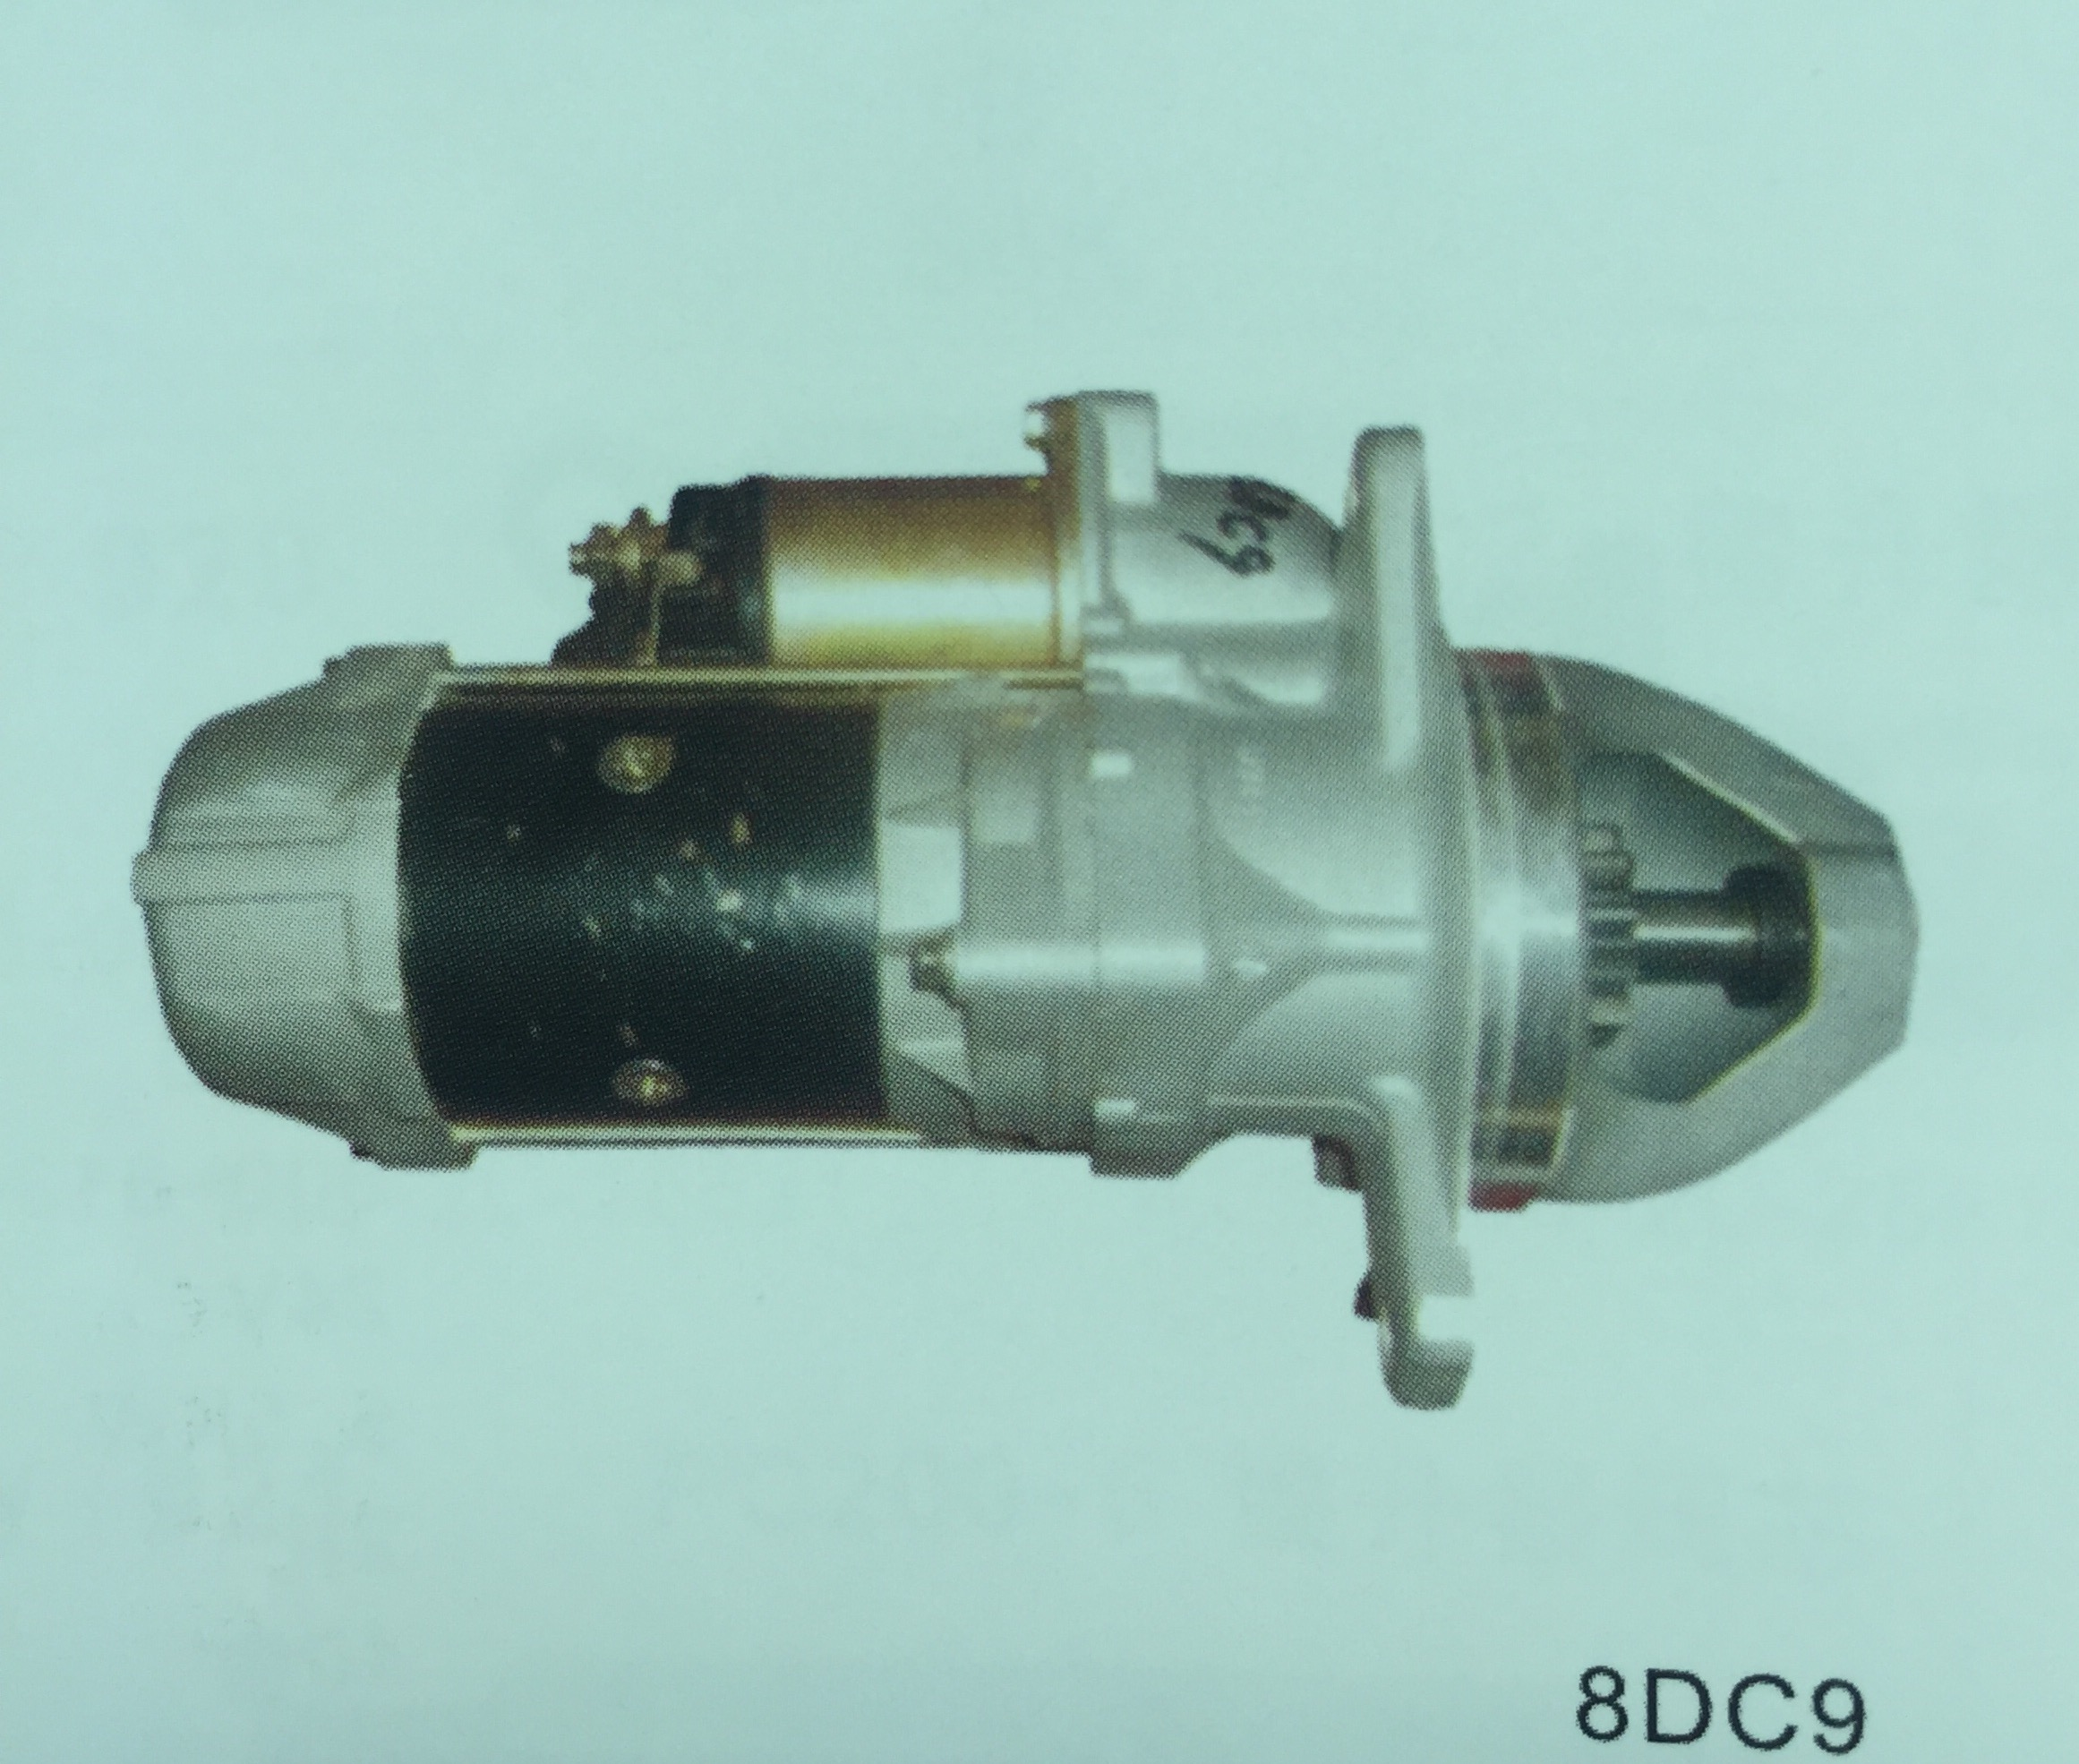 CỤC ĐỀ 8DC9